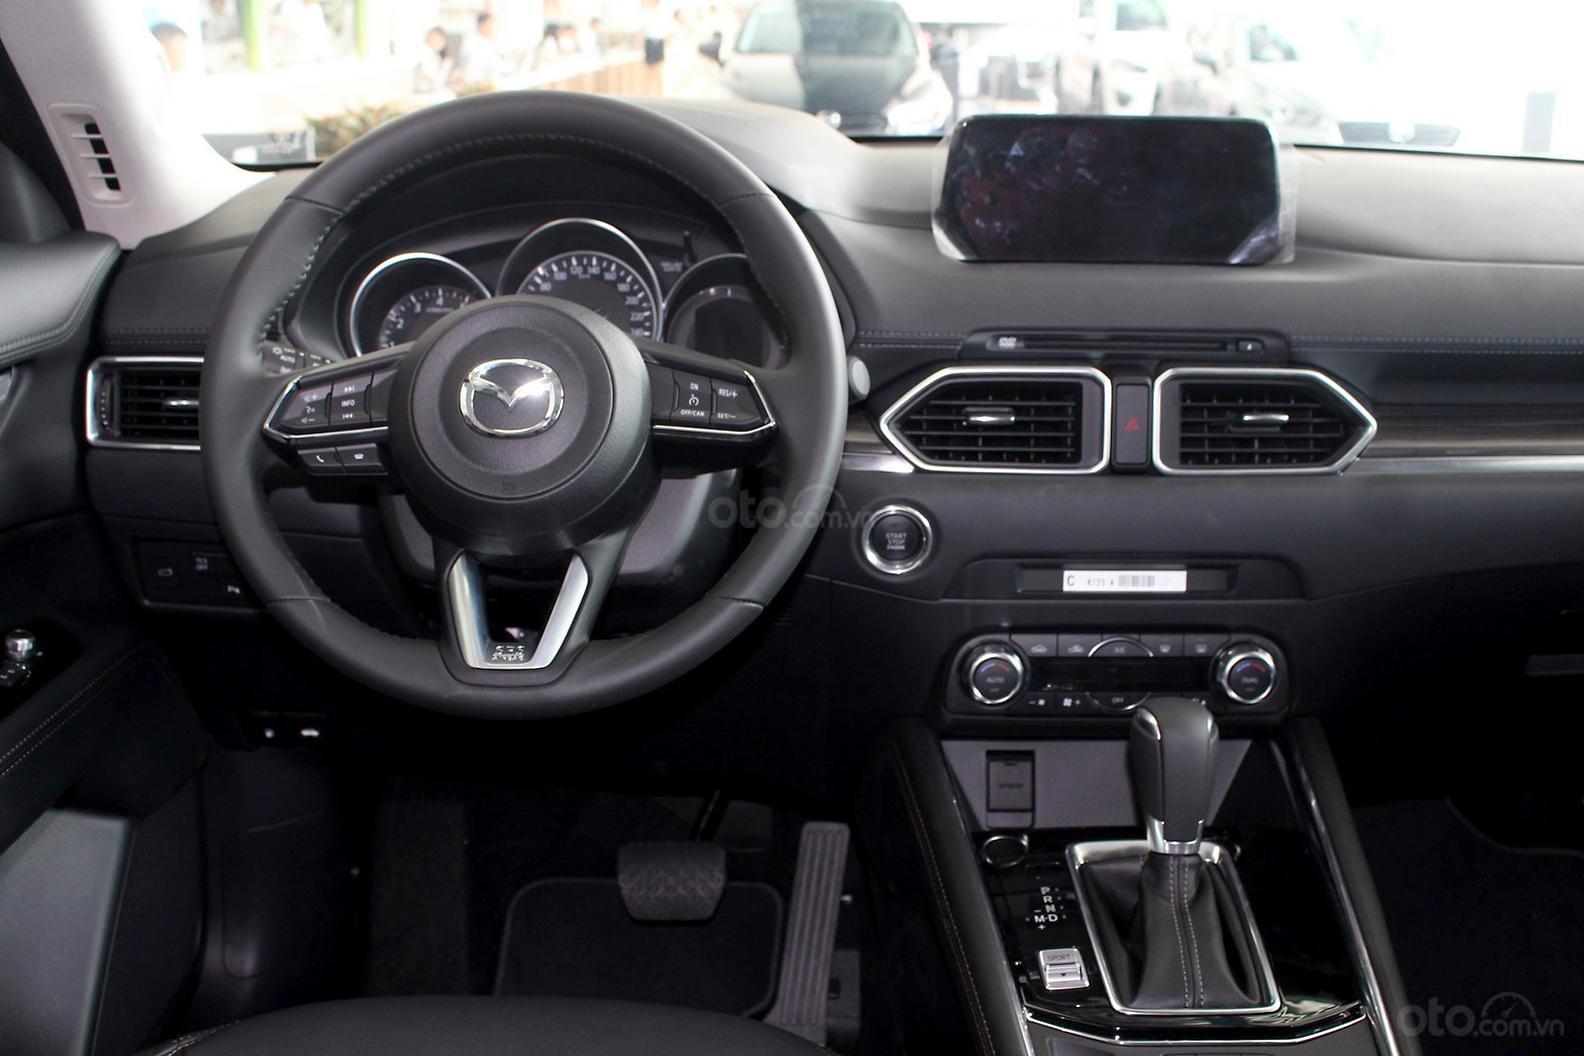 Bán Mazda CX5 đẳng cấp thời thượng, là sự lựa chọn thông minh và giá hợp lý (12)